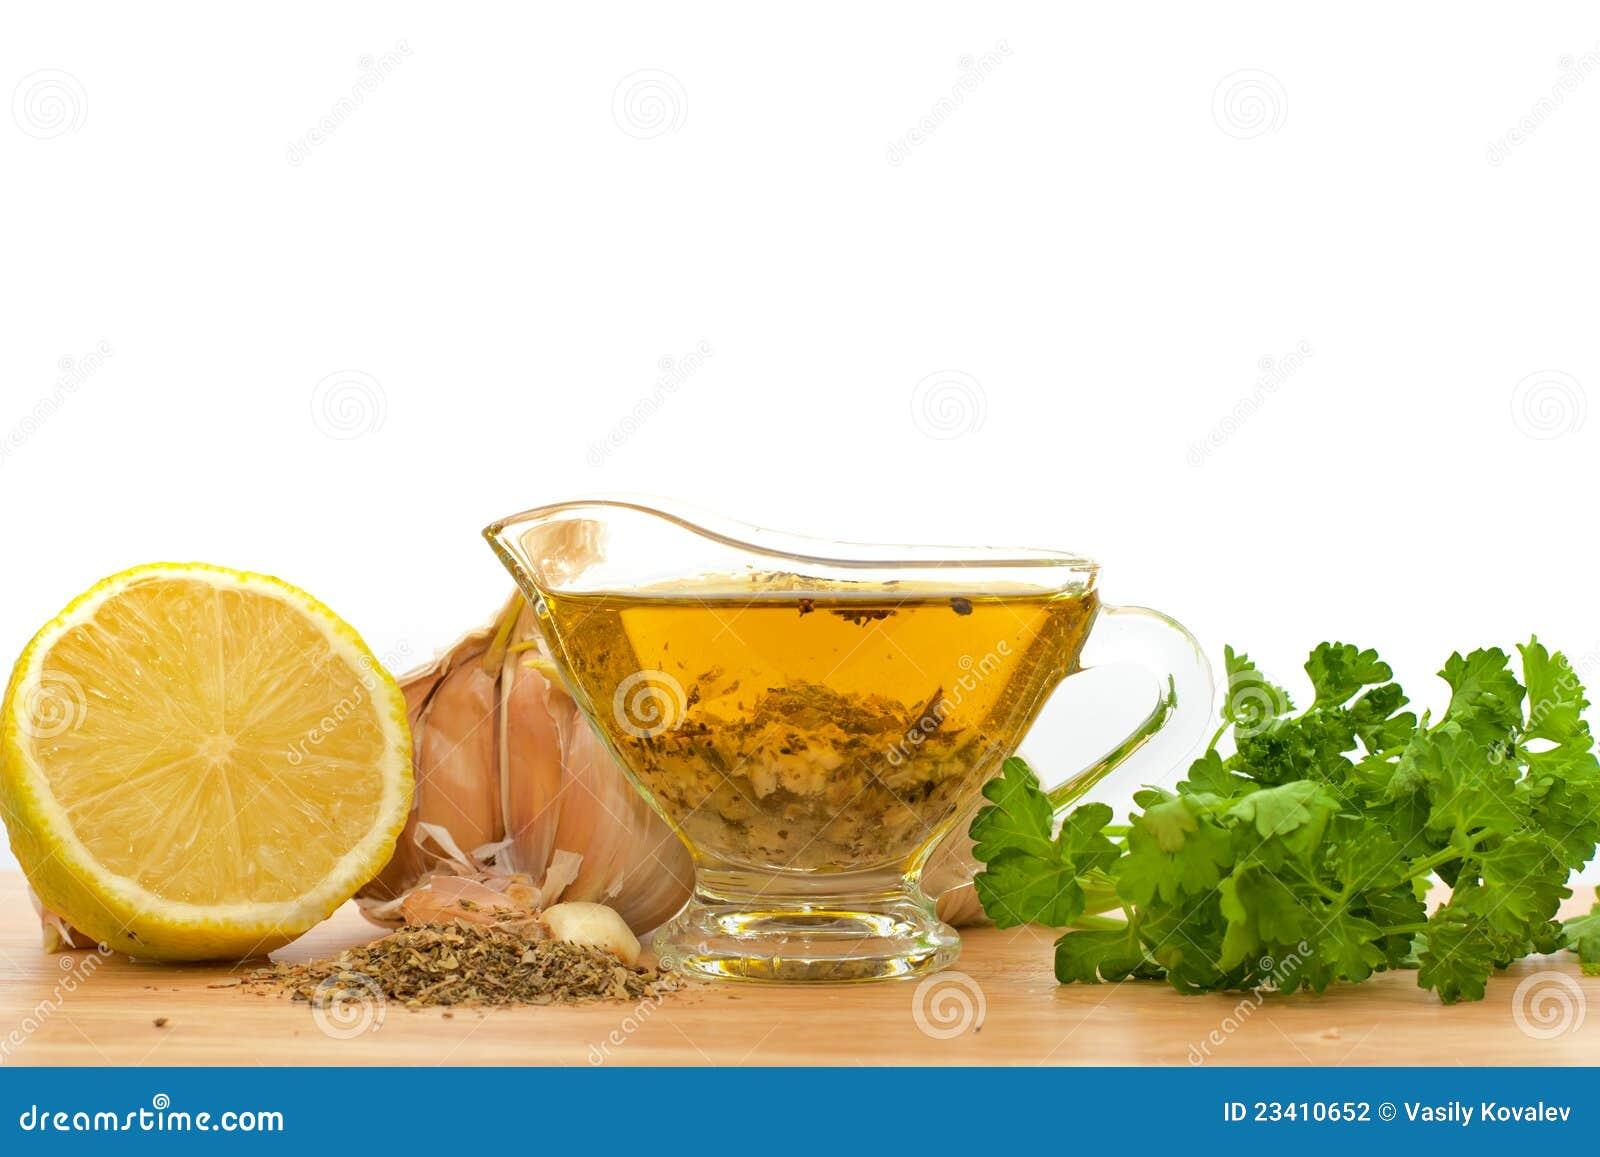 Slasaus met olijfolie, knoflook en citroen